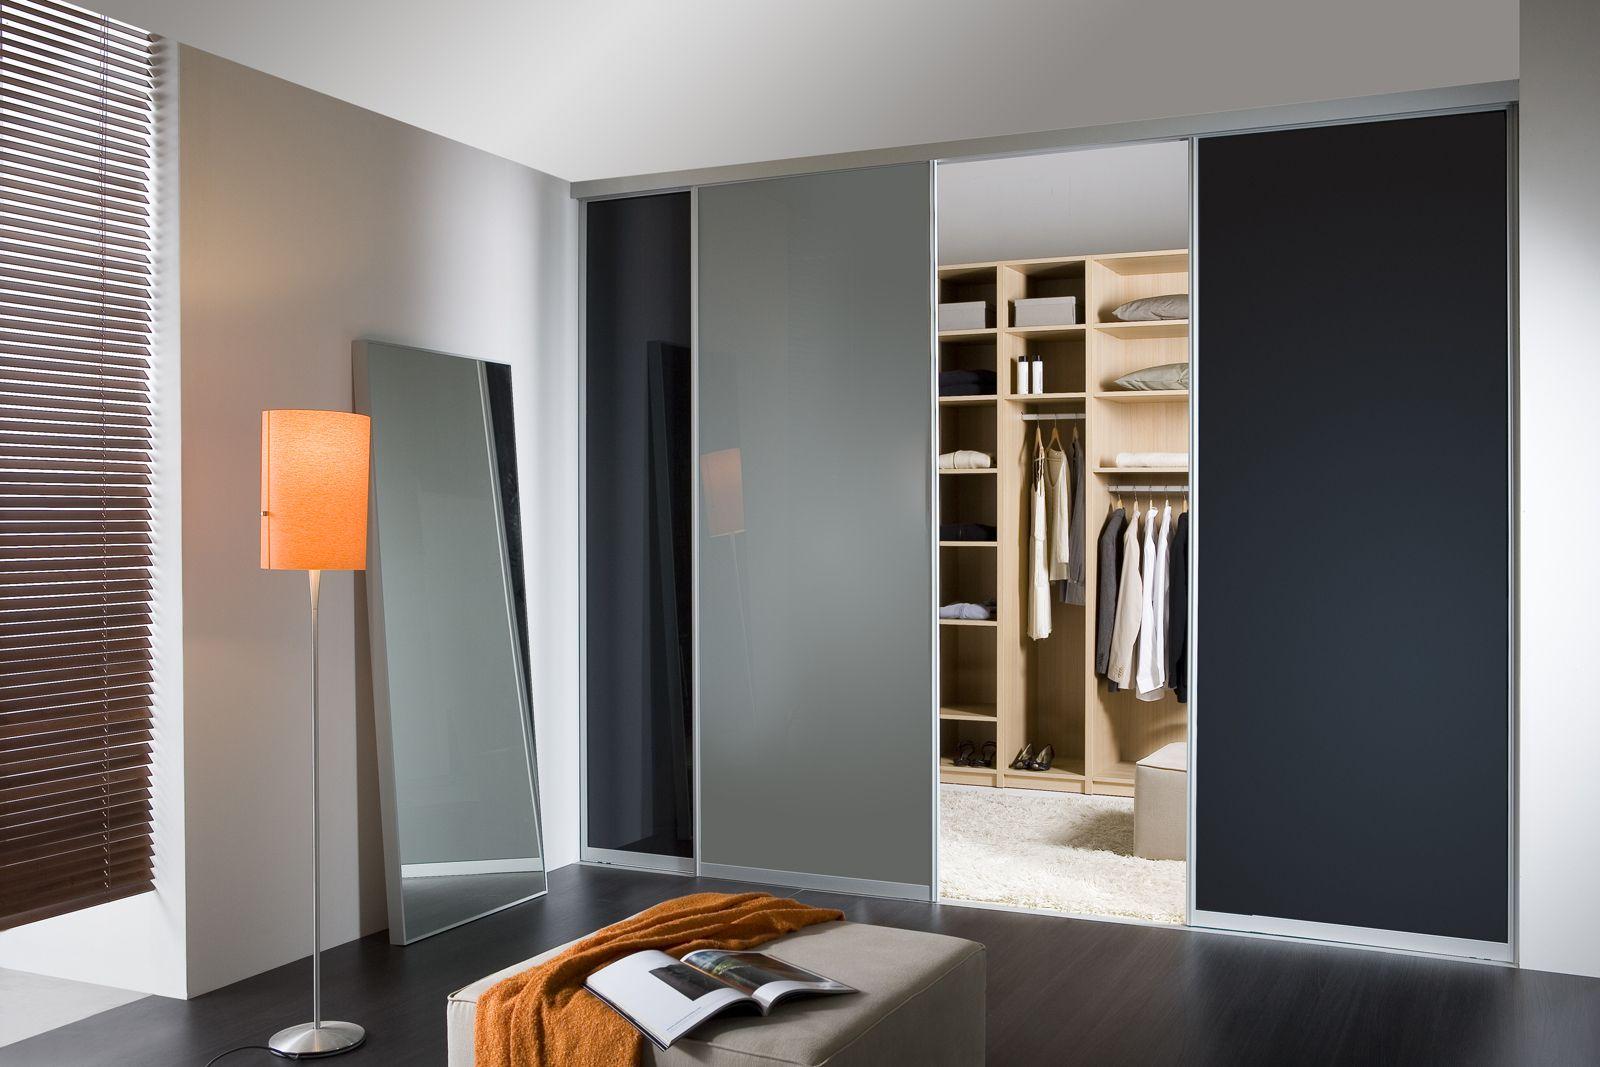 scheidingswand tussen dressing en slaapkamer. je kan verschillende, Deco ideeën